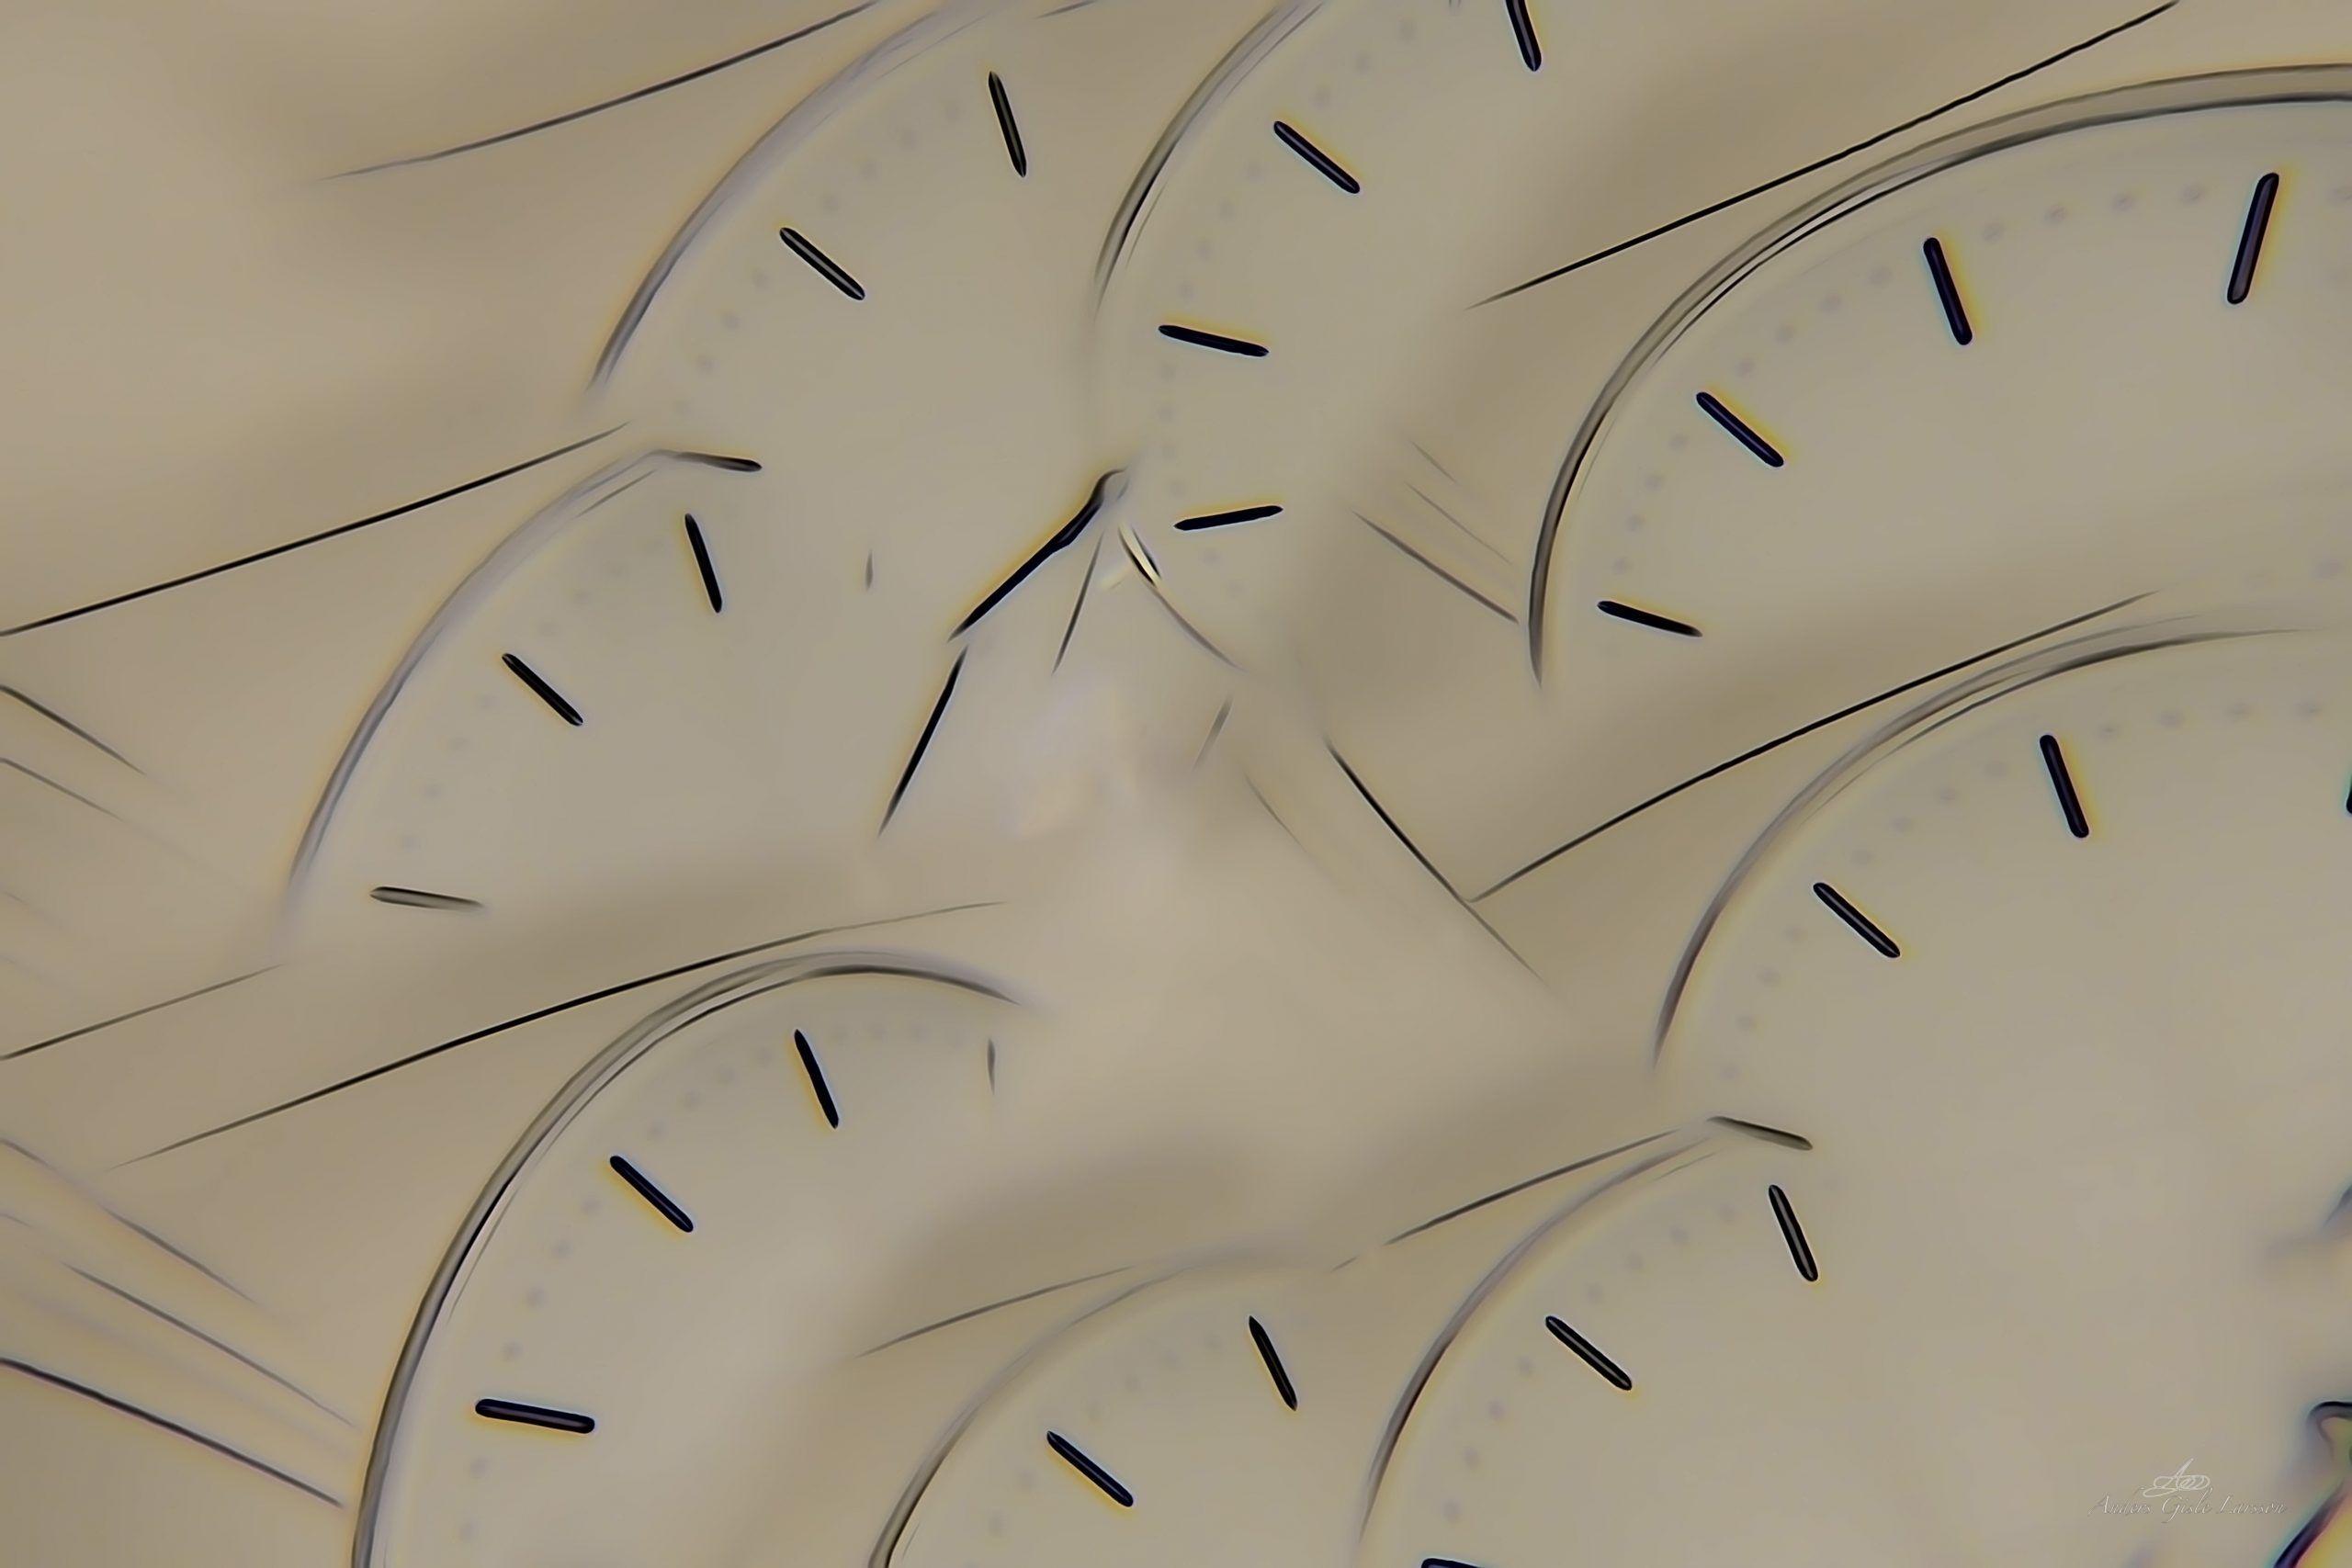 Timewarp, 323/365, Uge 47, Stemanngade 2C, Randers